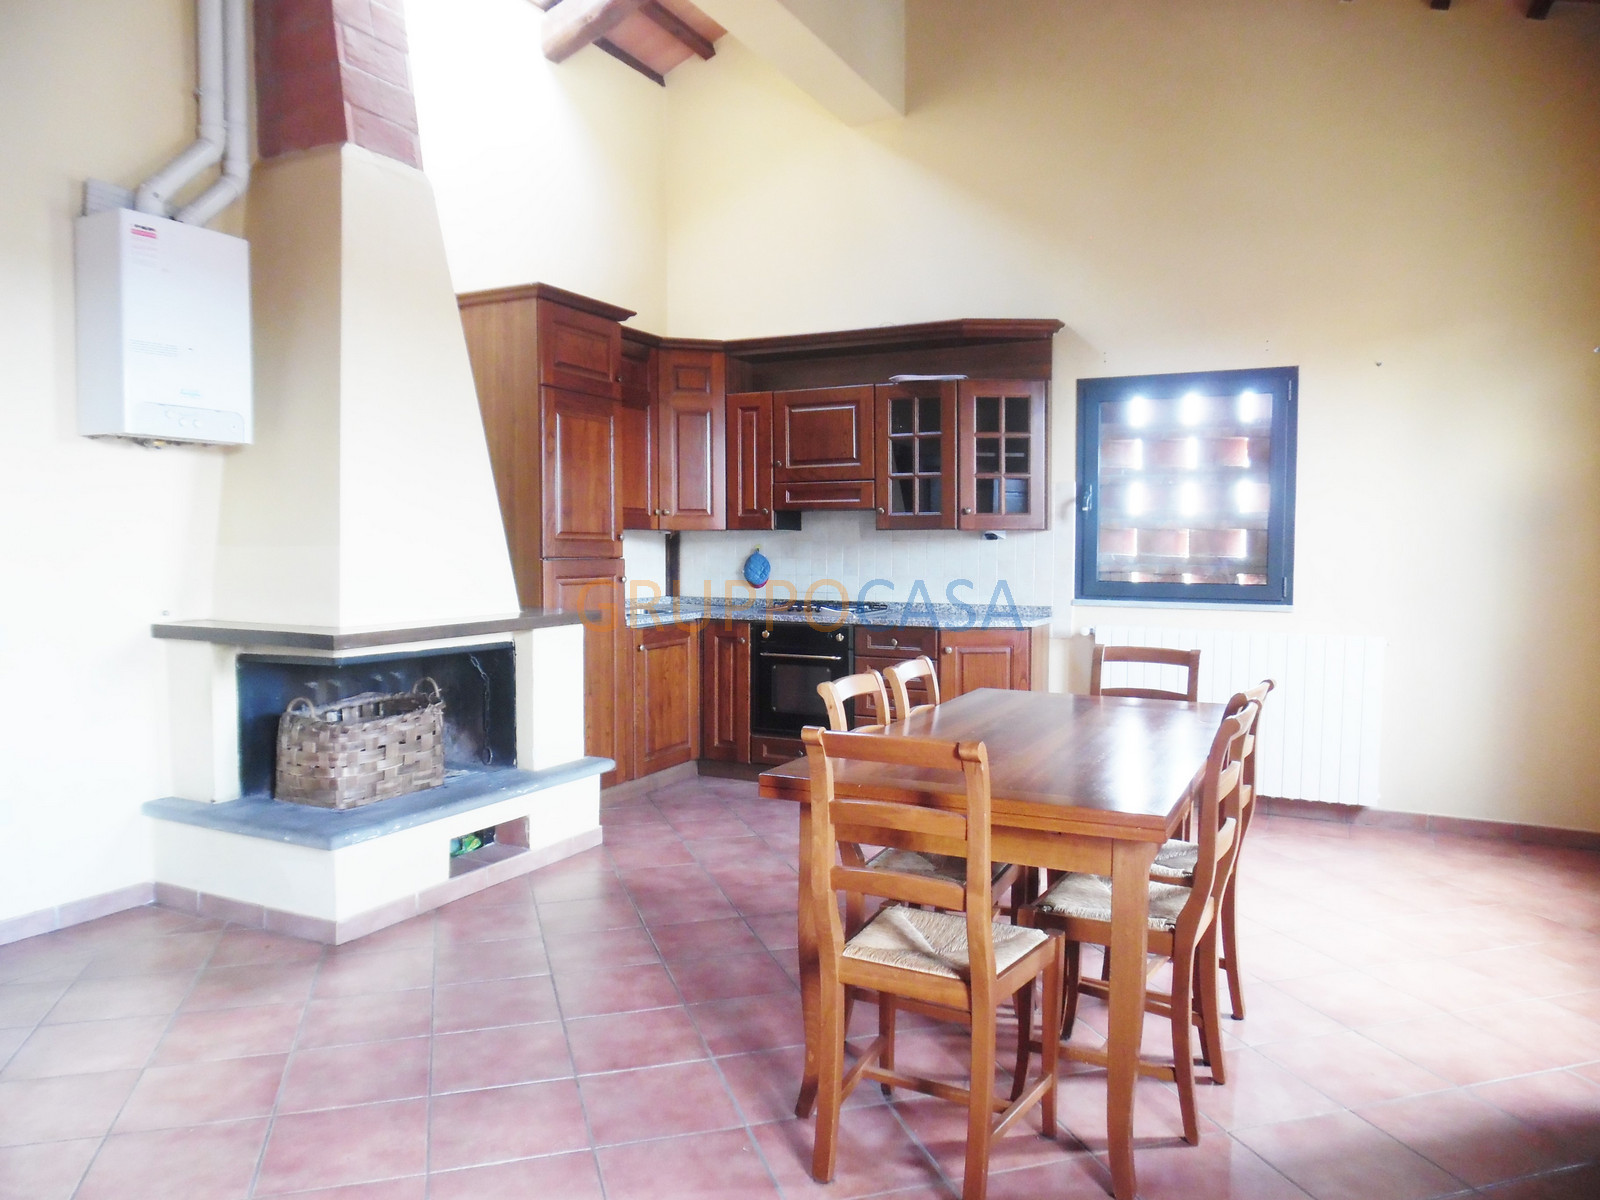 Appartamento in affitto a Castelfranco di Sotto, 3 locali, zona Località: VillaCampanile, prezzo € 500 | Cambio Casa.it